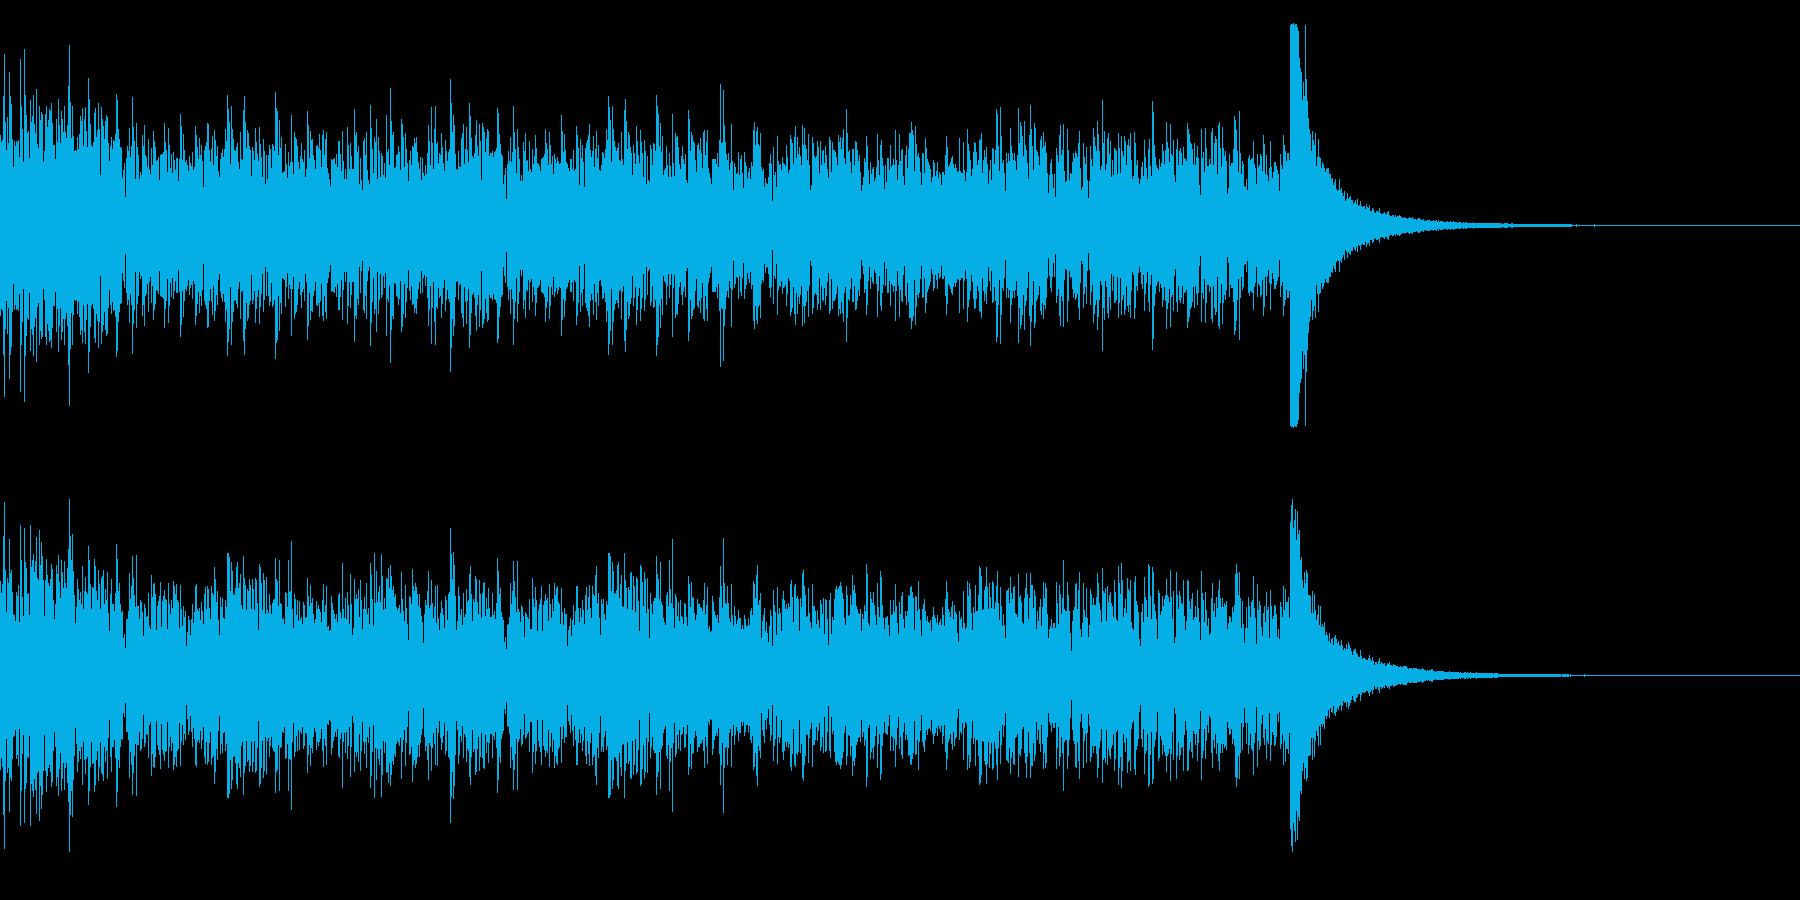 ドラムロール(29秒)の再生済みの波形